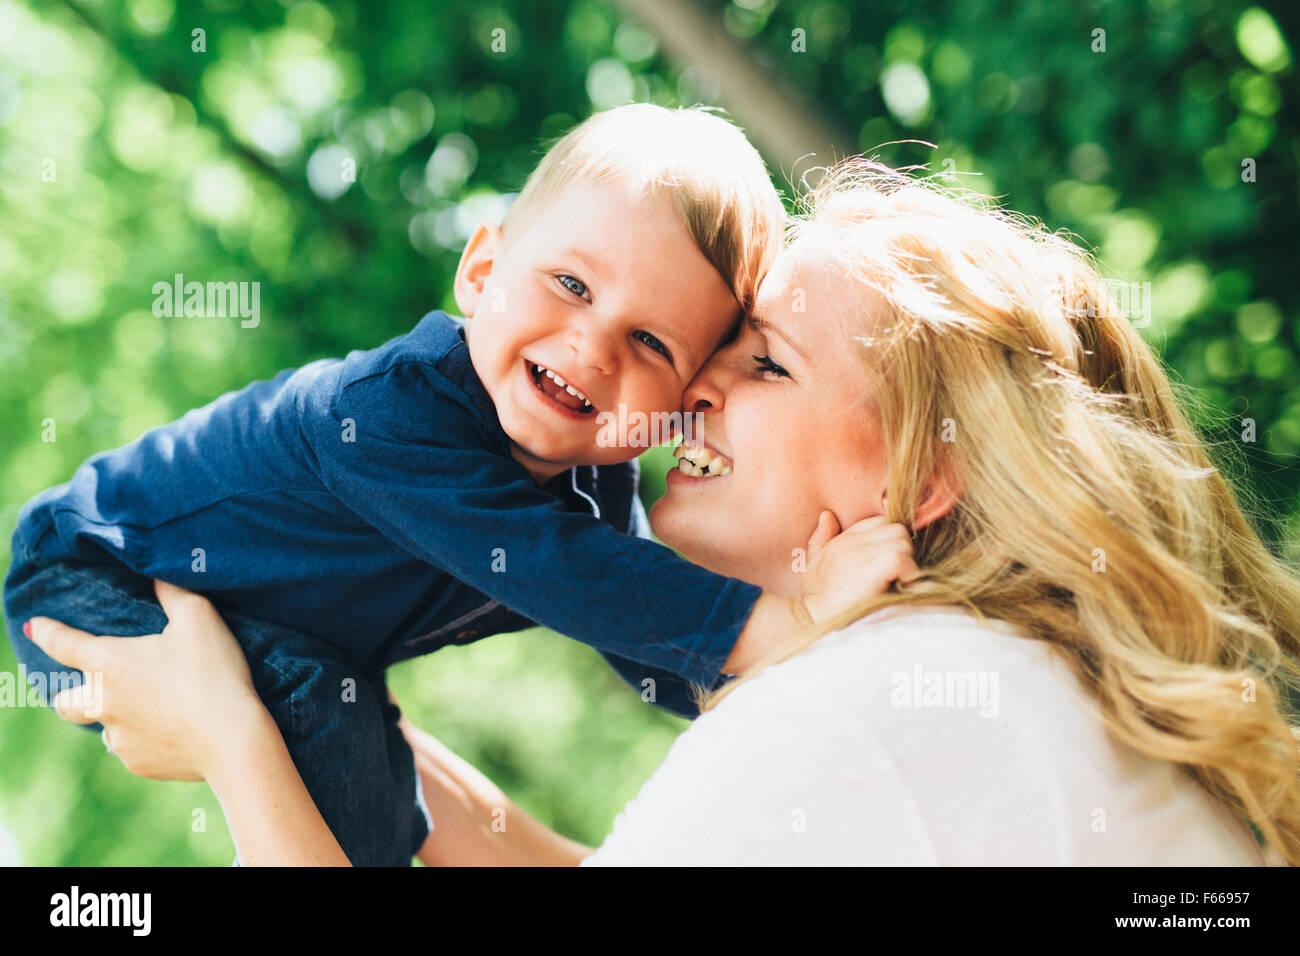 Реальные фото мам, Голые русские мамочки (44 фото) 8 фотография